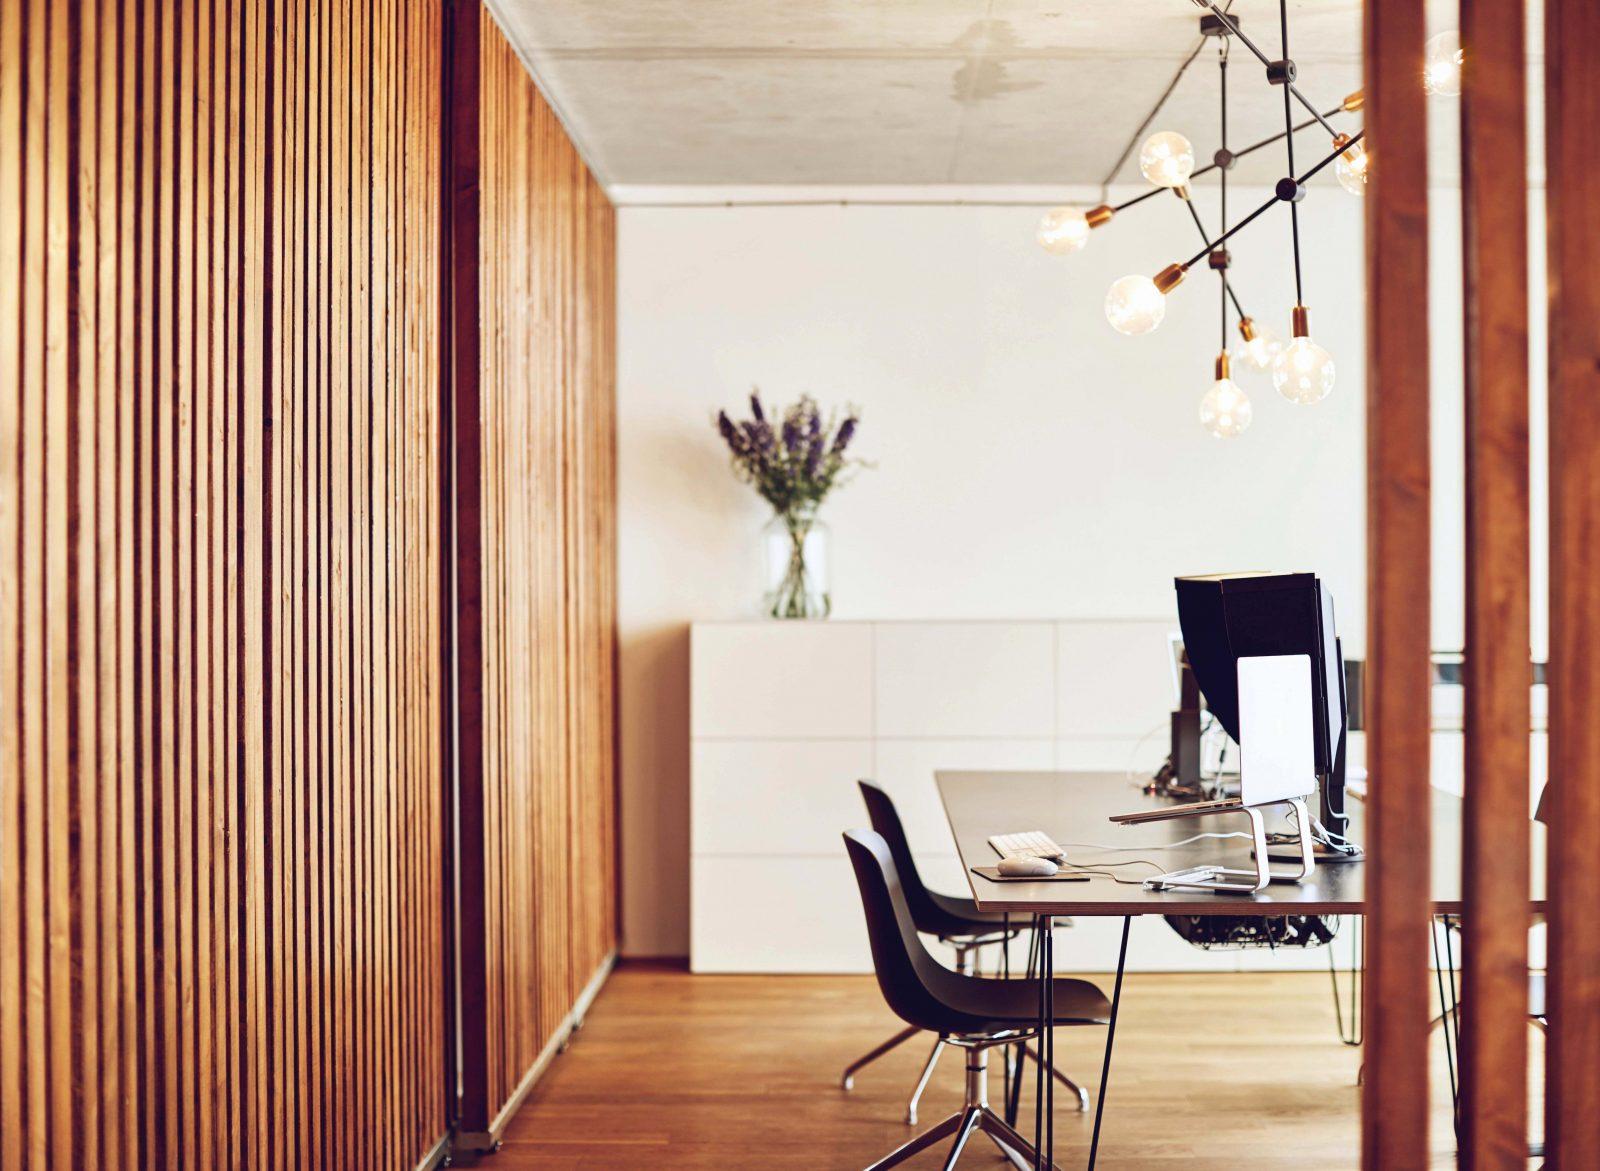 26 Elegant Fotos Von Braune Holzdecke Weiß Streichen  Noyoto von Braune Holzdecke Weiß Streichen Bild